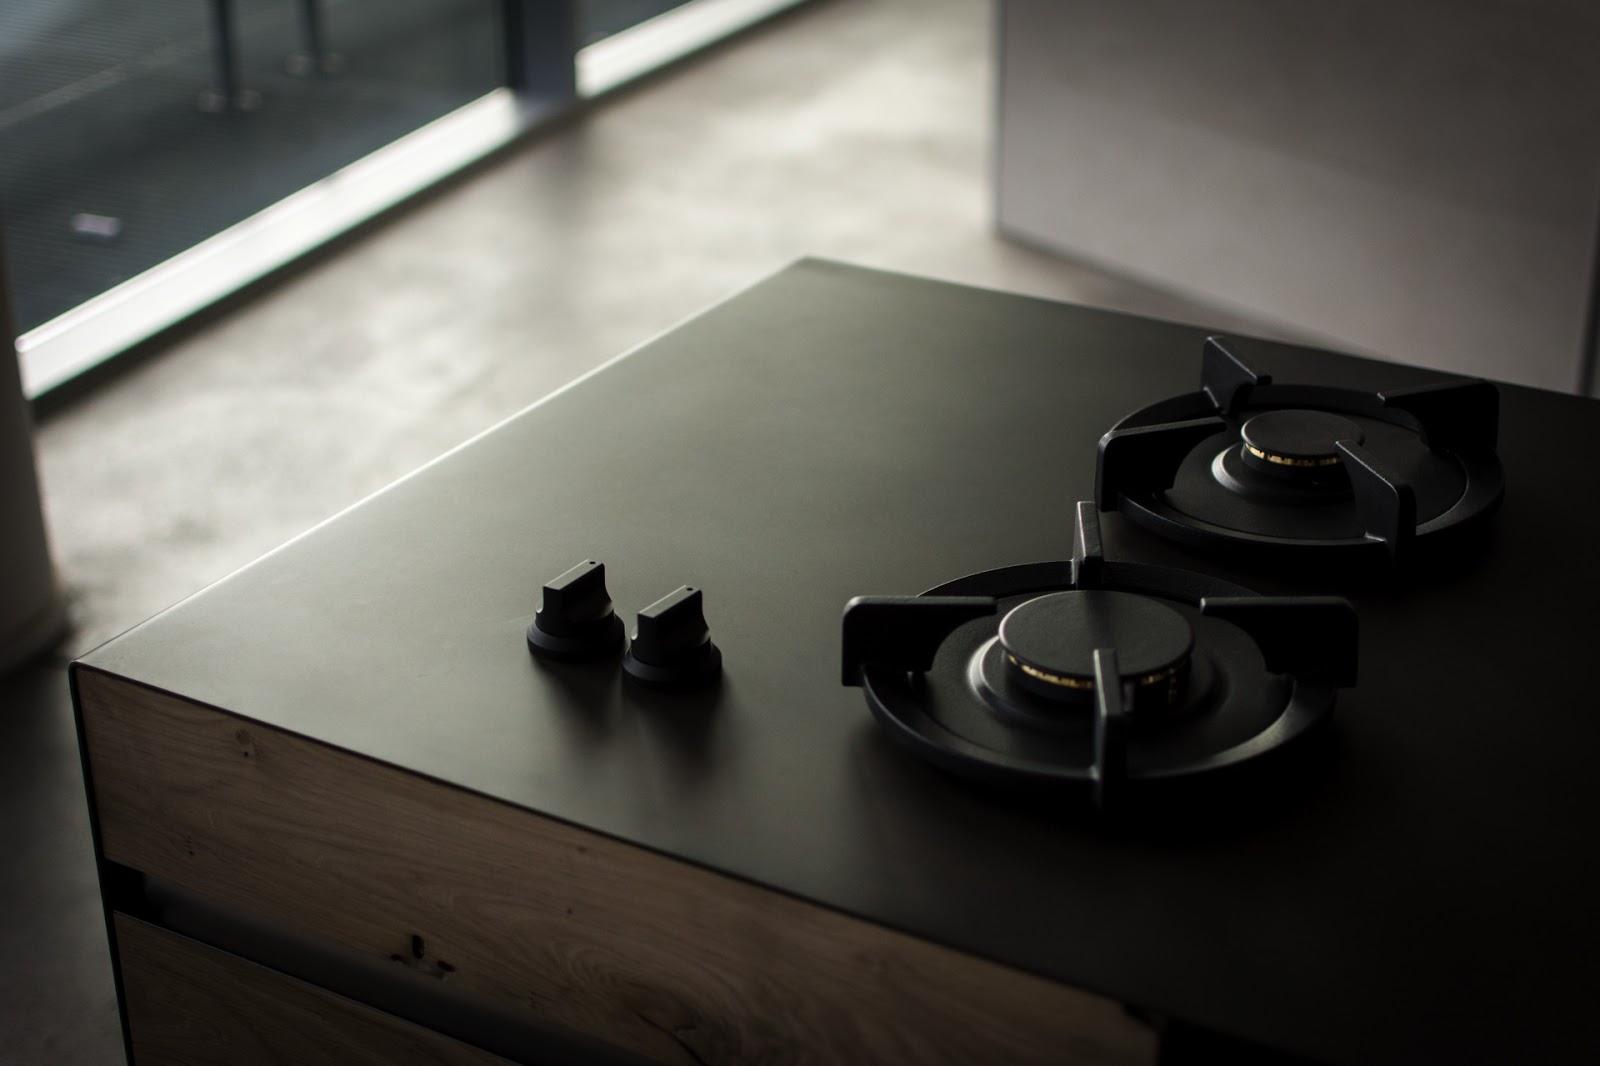 Czarna kuchenka gazowa.